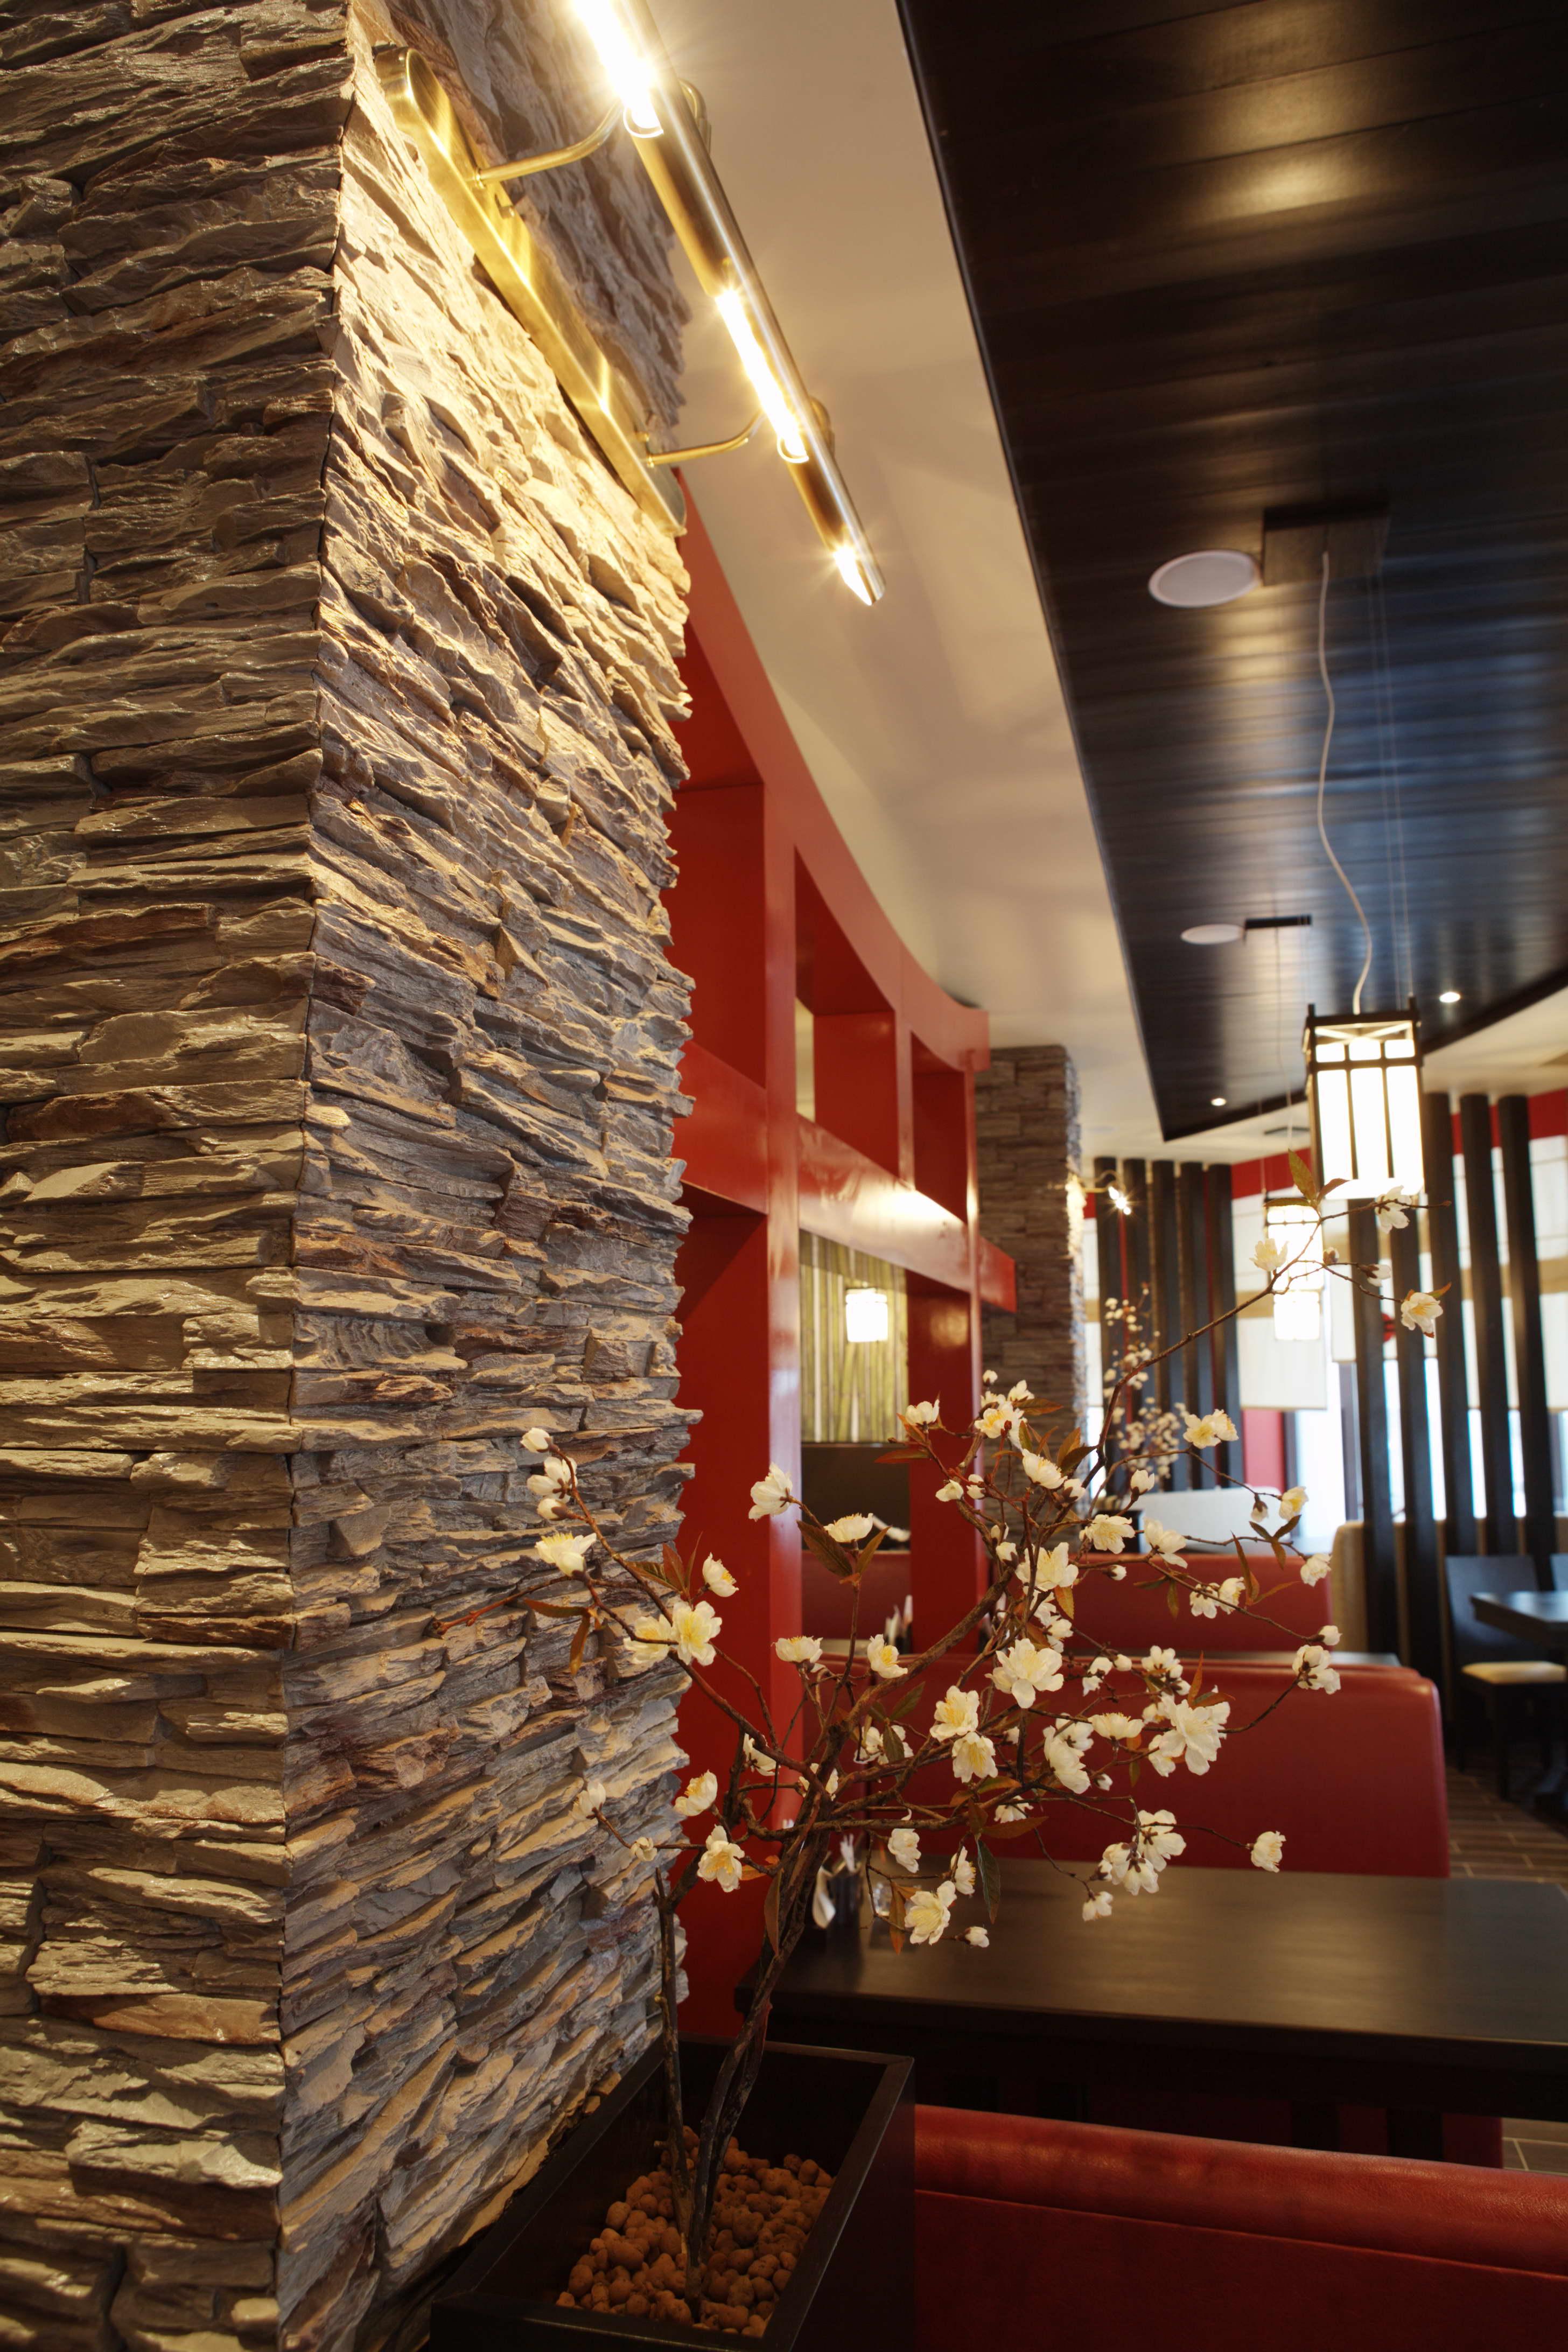 Отделка стен декоративным камнем Строительный портал Это дерево и камень. ... .  Декоративная отделка стен под камень...